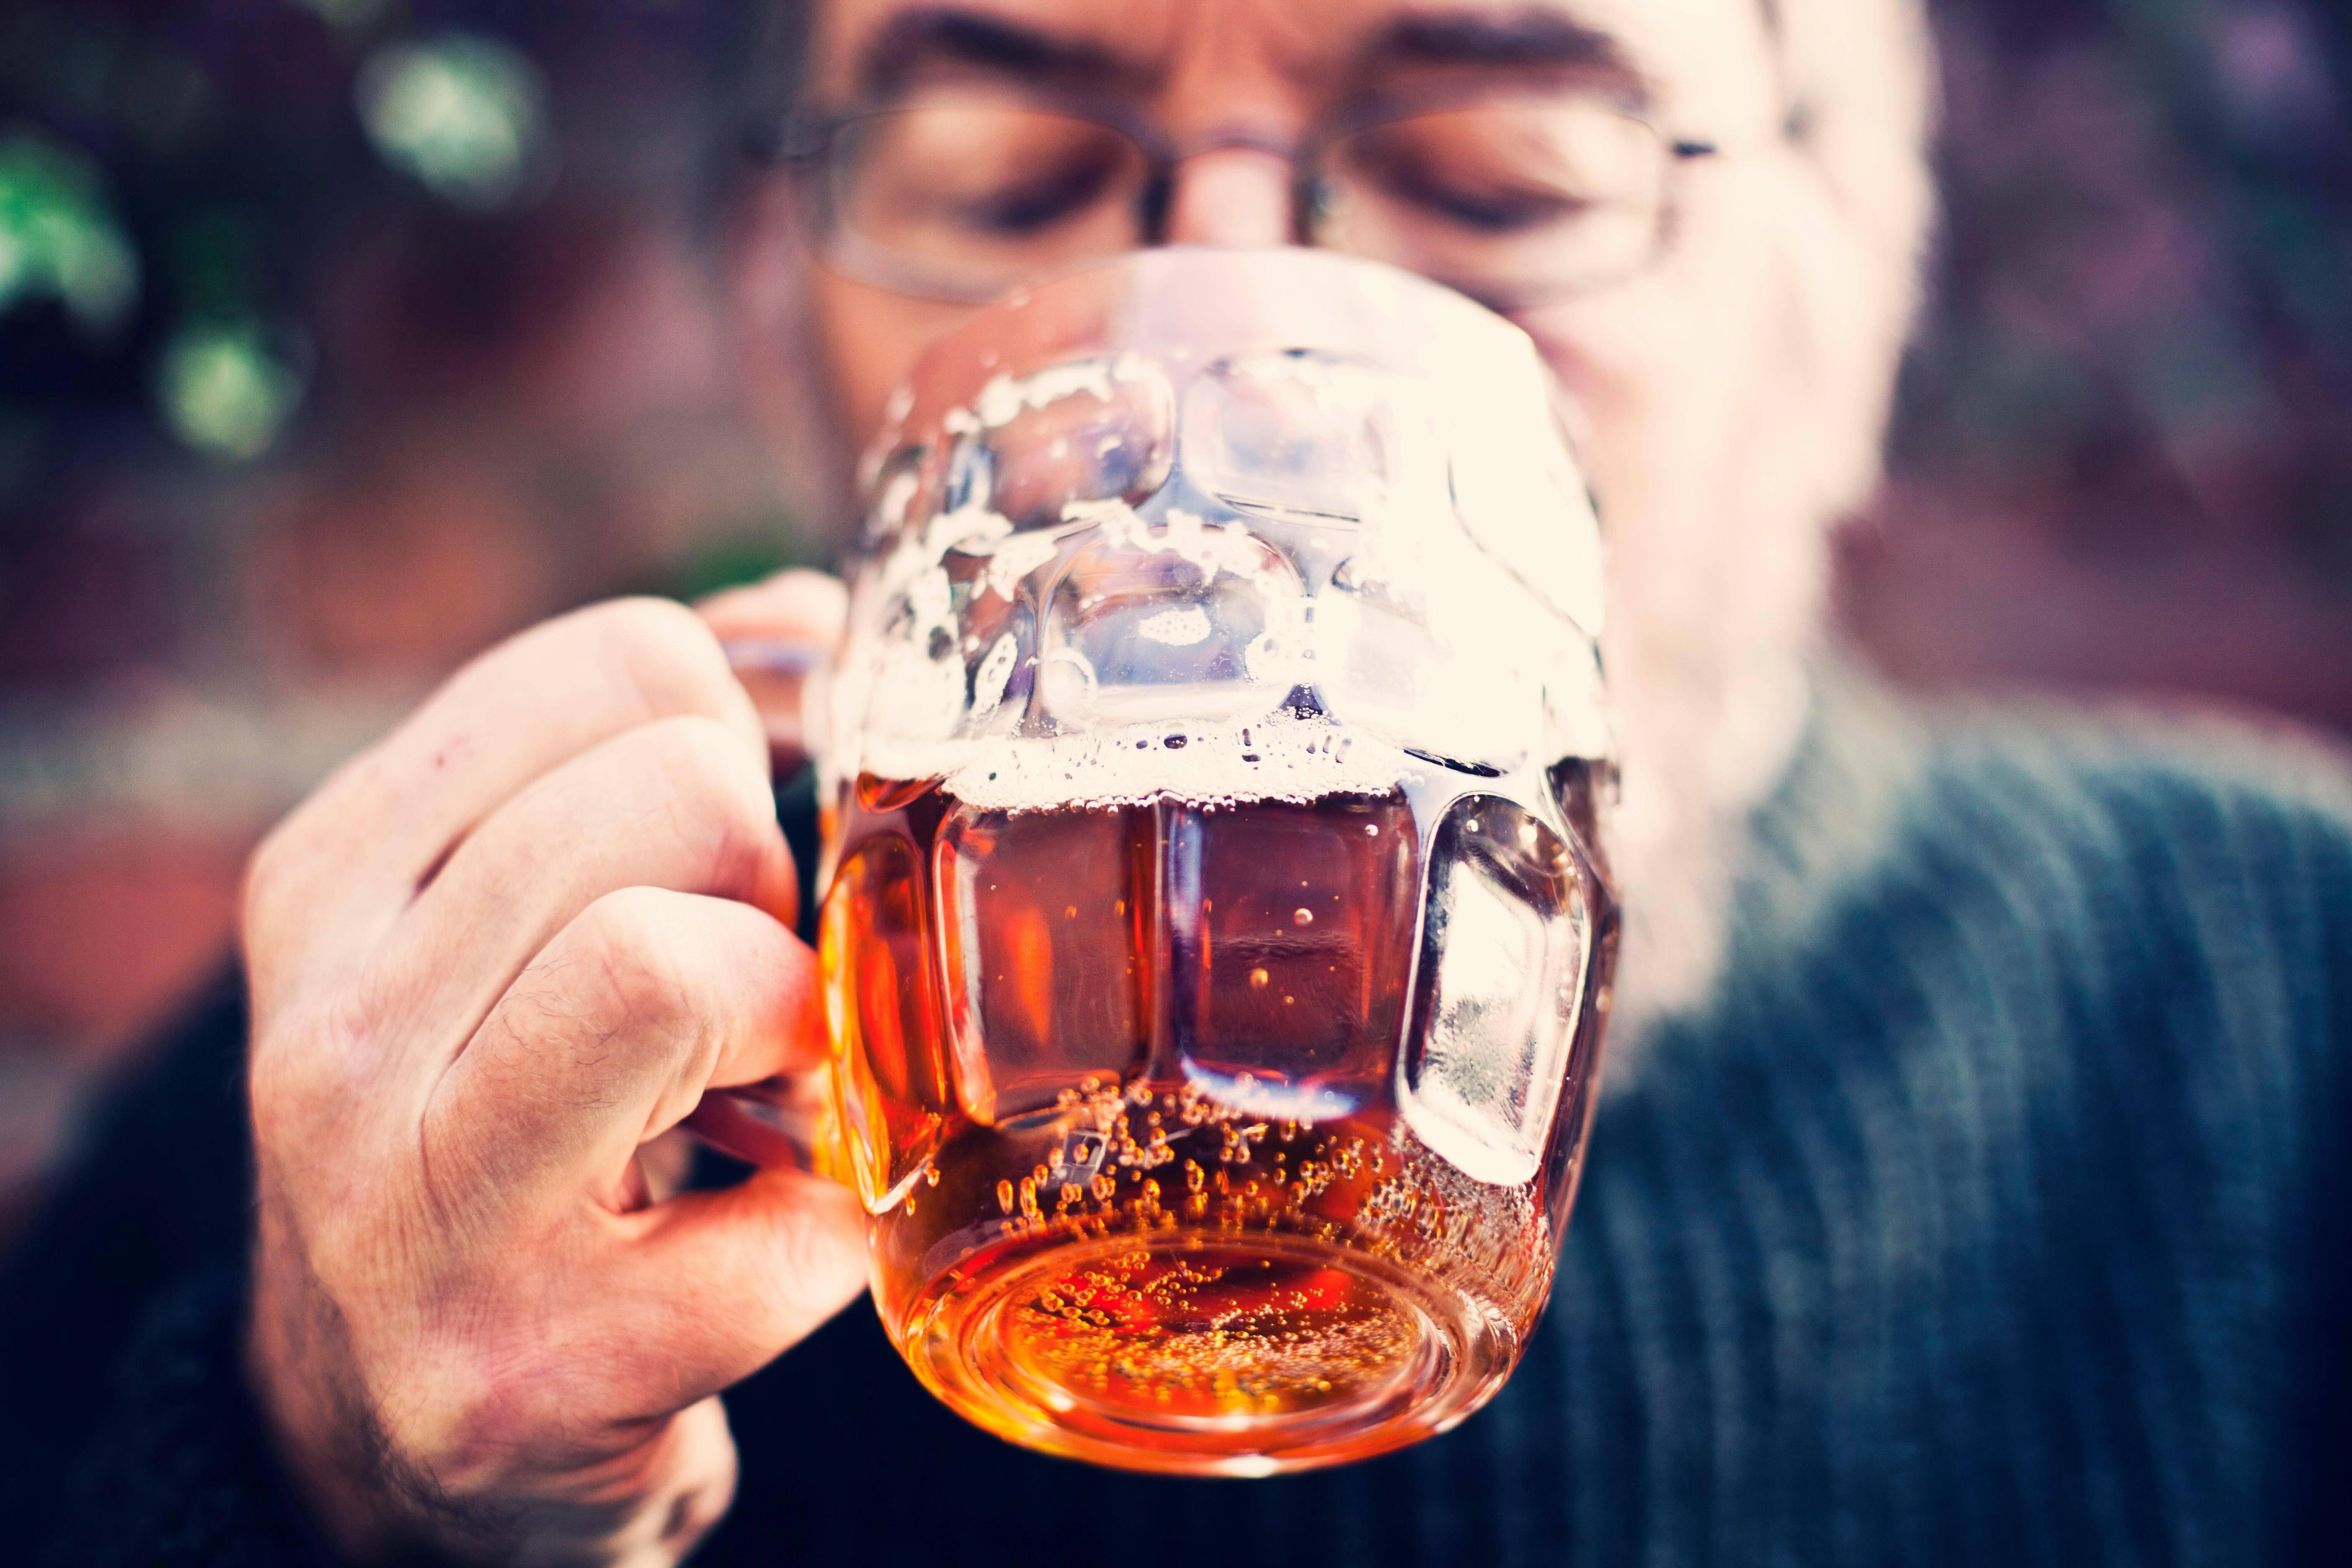 朋友叫出去喝酒怎么拒绝 别人叫你喝酒怎么幽默拒绝